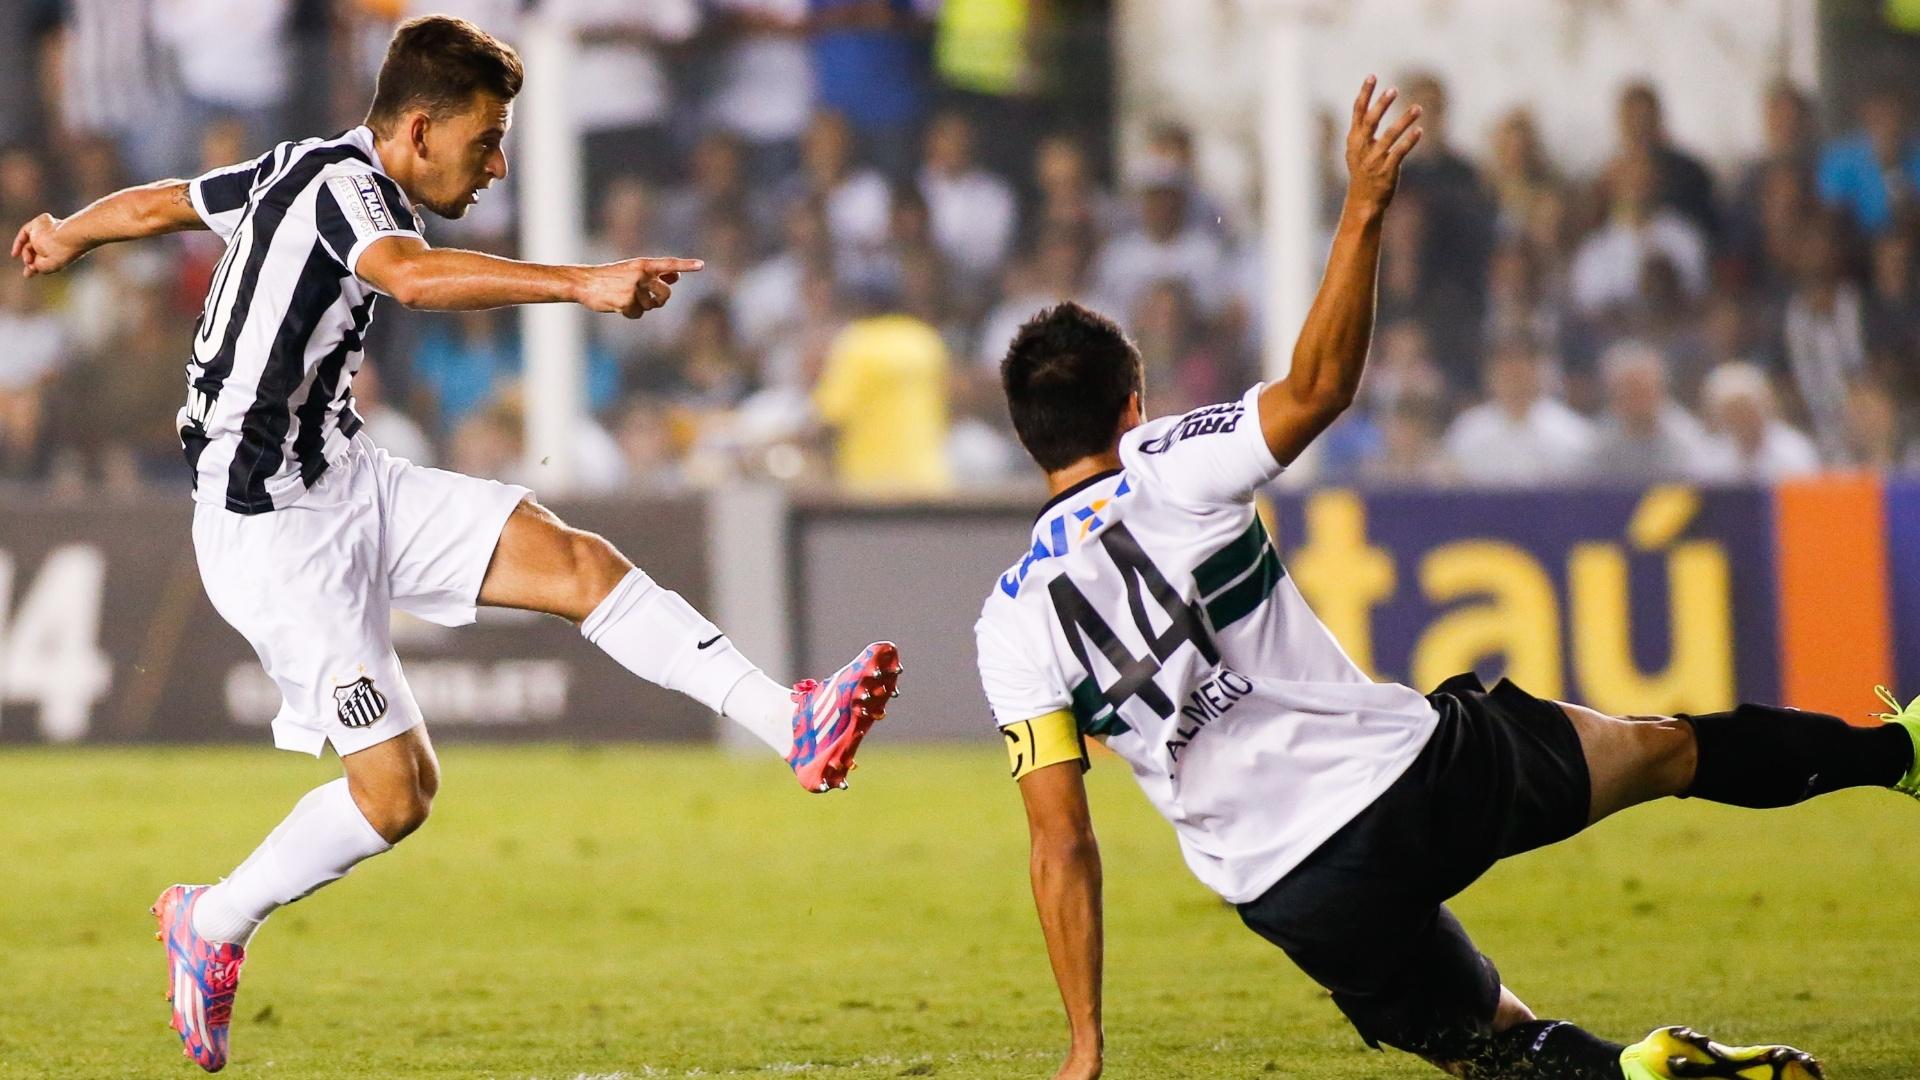 Lucas Lima acerta lindo chute de perna esquerda e marca um golaço